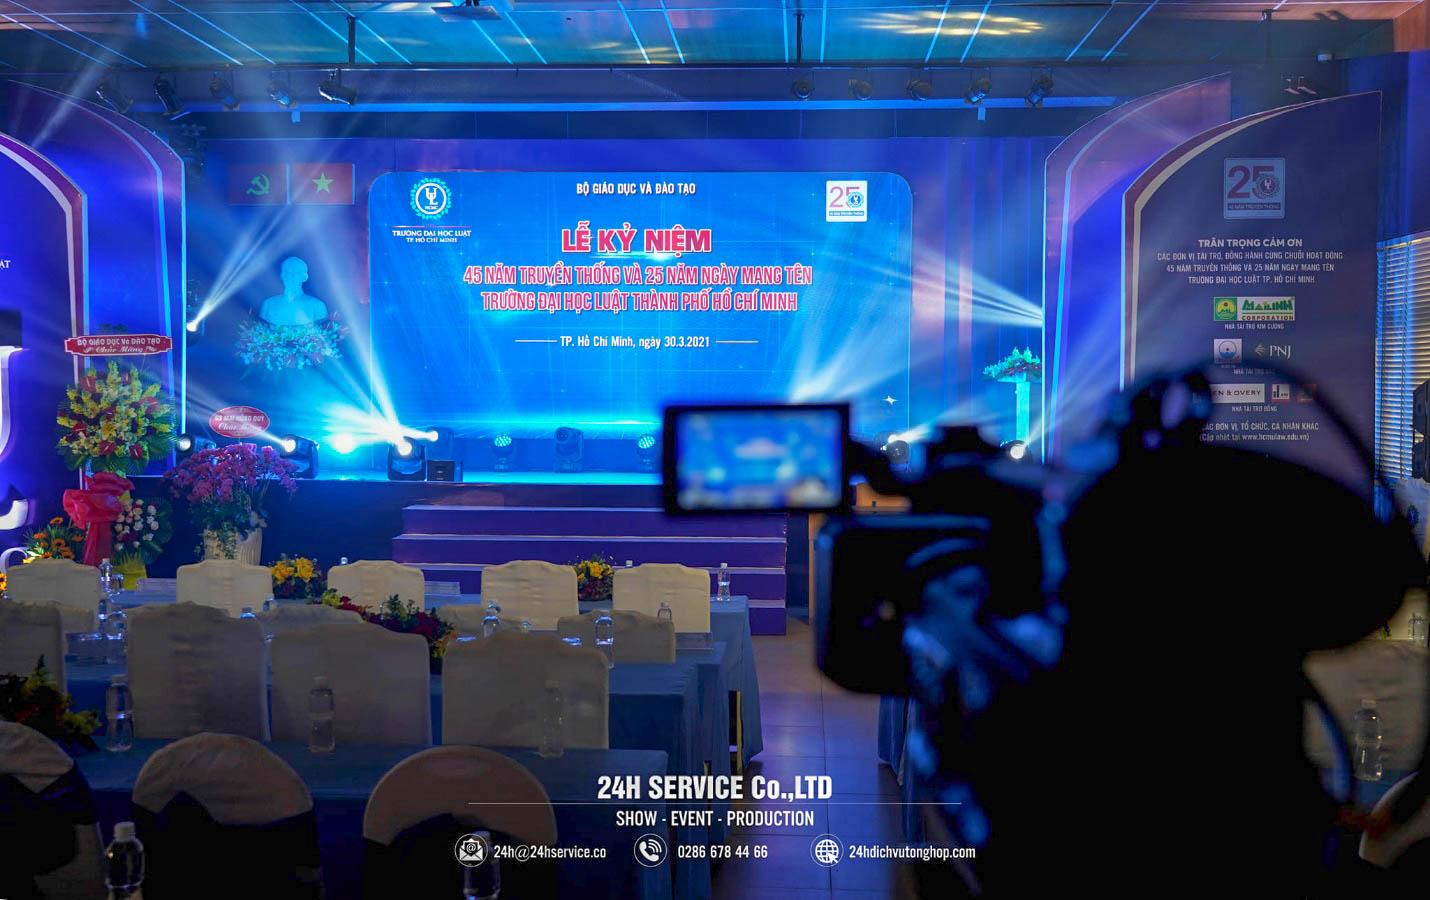 Ekip media chuẩn bị khẩn trương để có những khung hình đẹp nhất xuyên suốt sự kiện